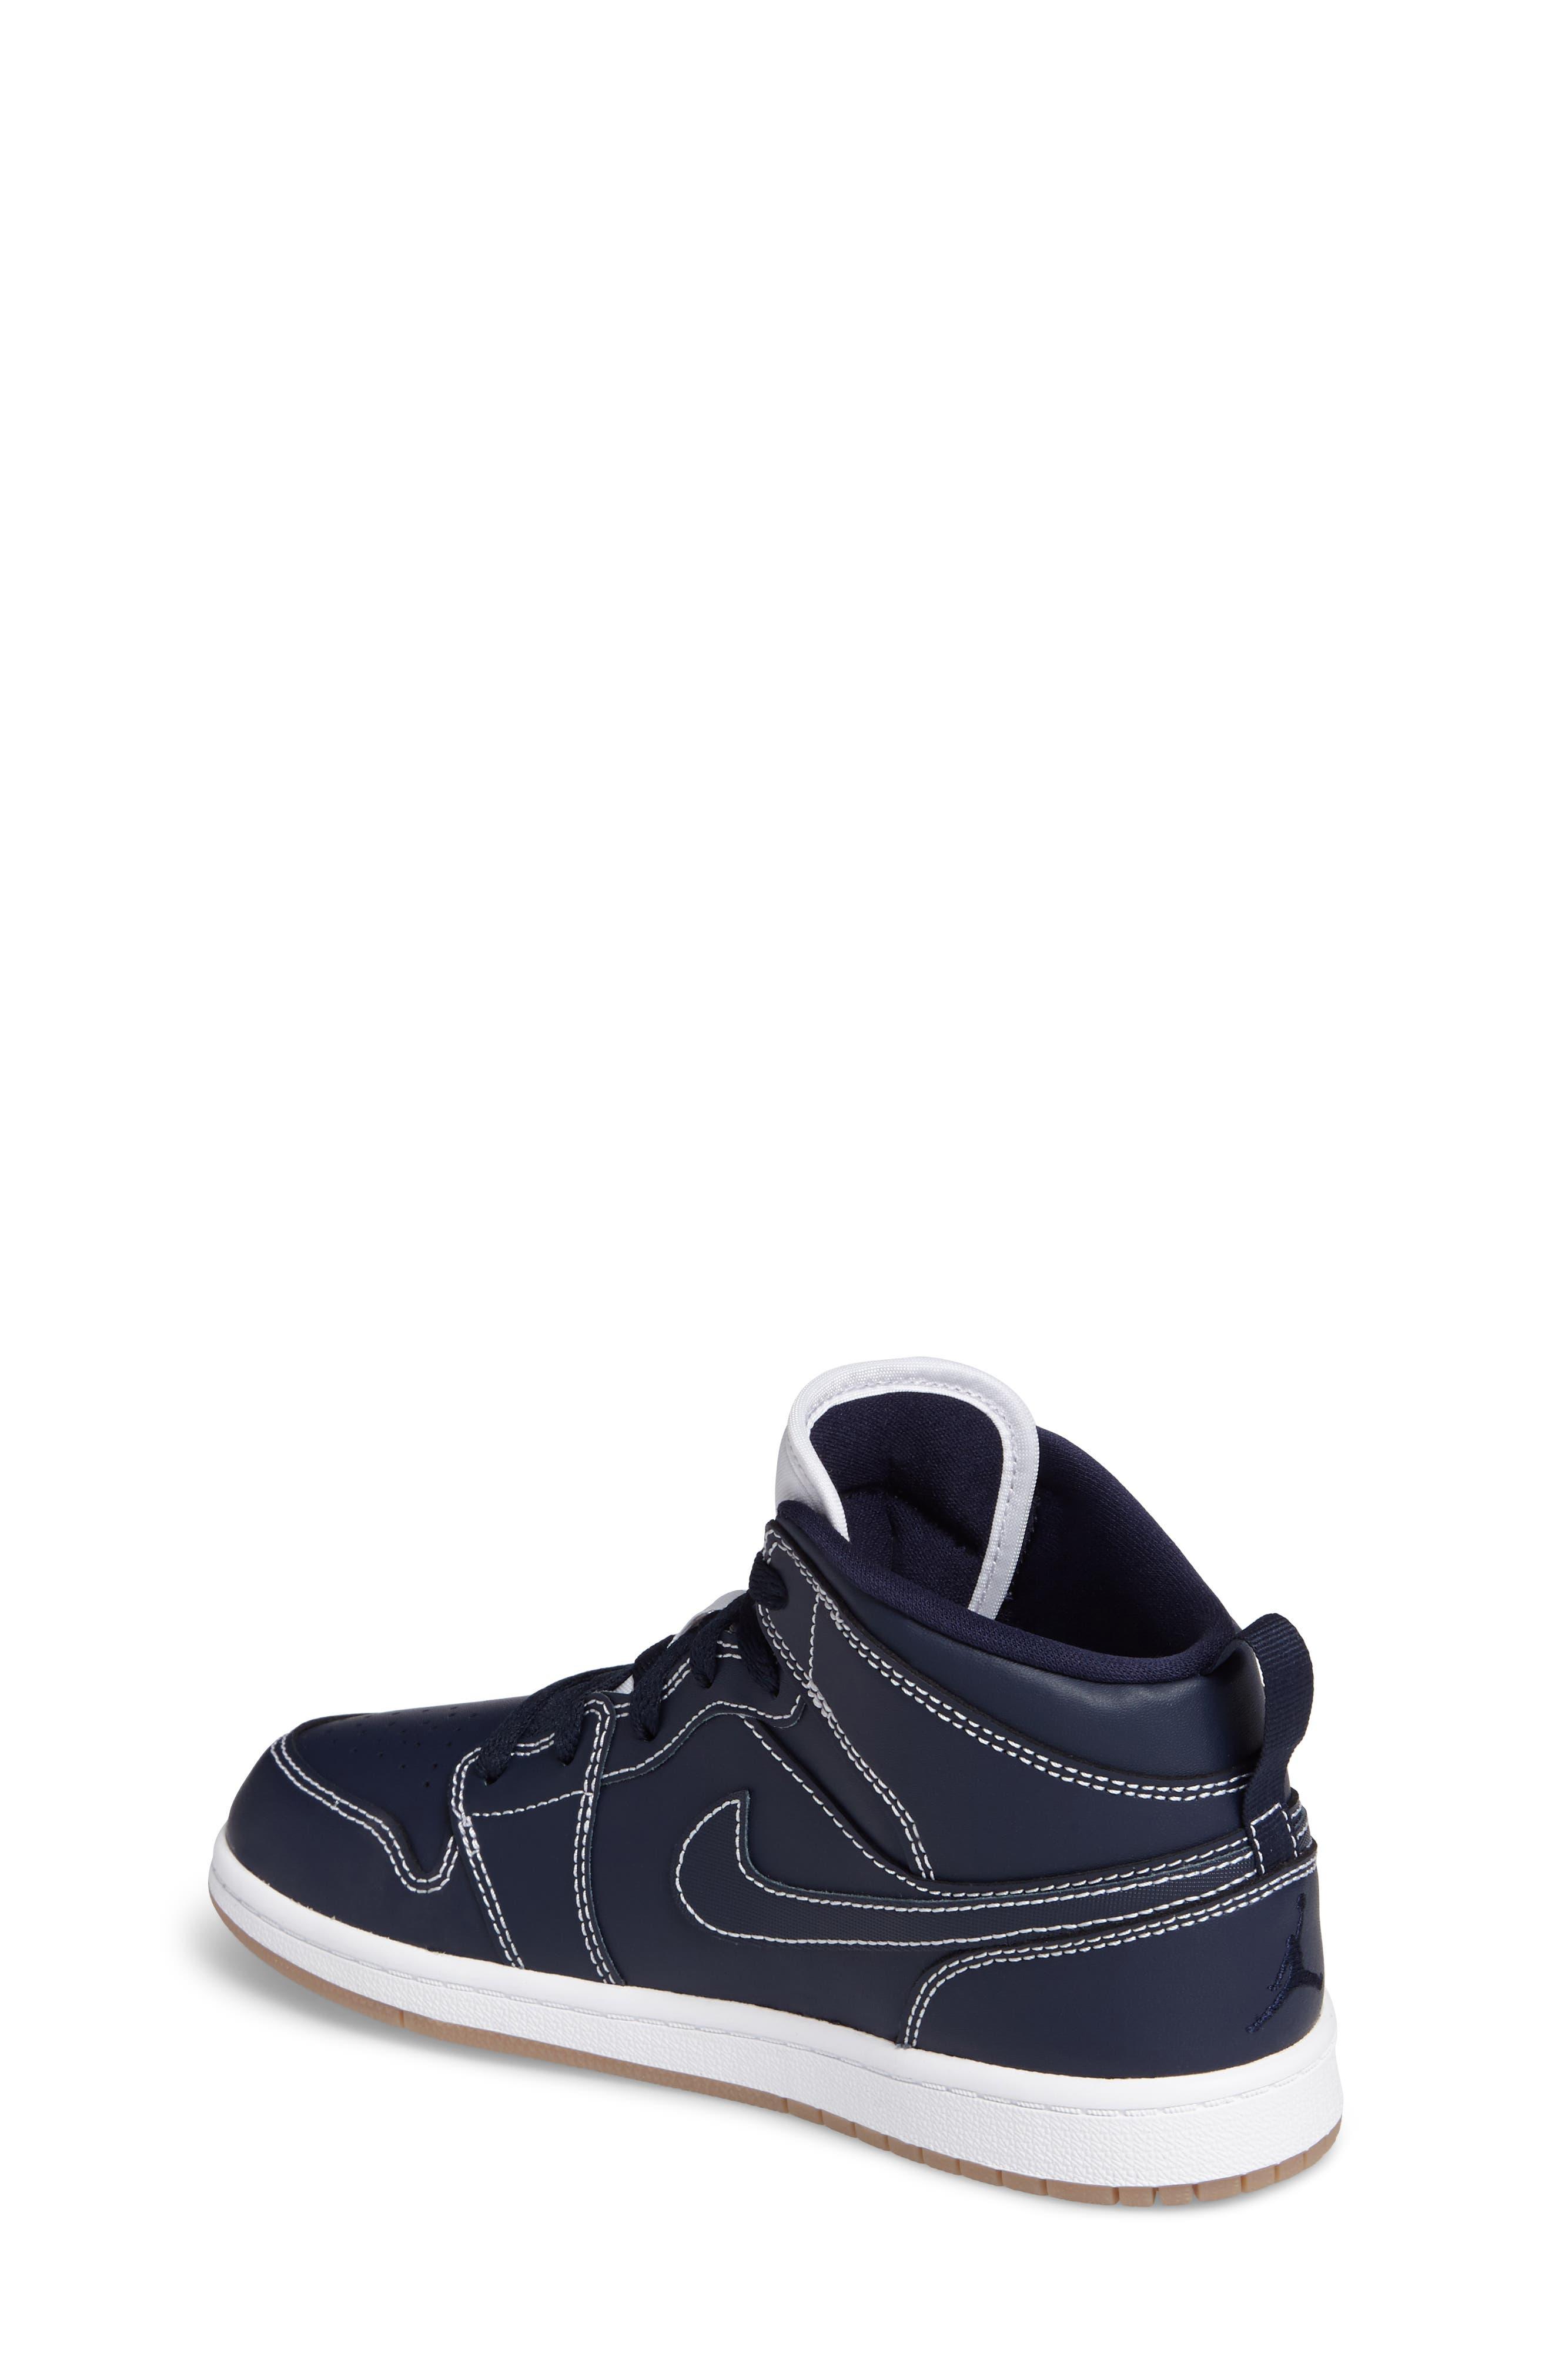 'Air Jordan 1' Mid Sneaker,                             Alternate thumbnail 2, color,                             Obsidian/ White